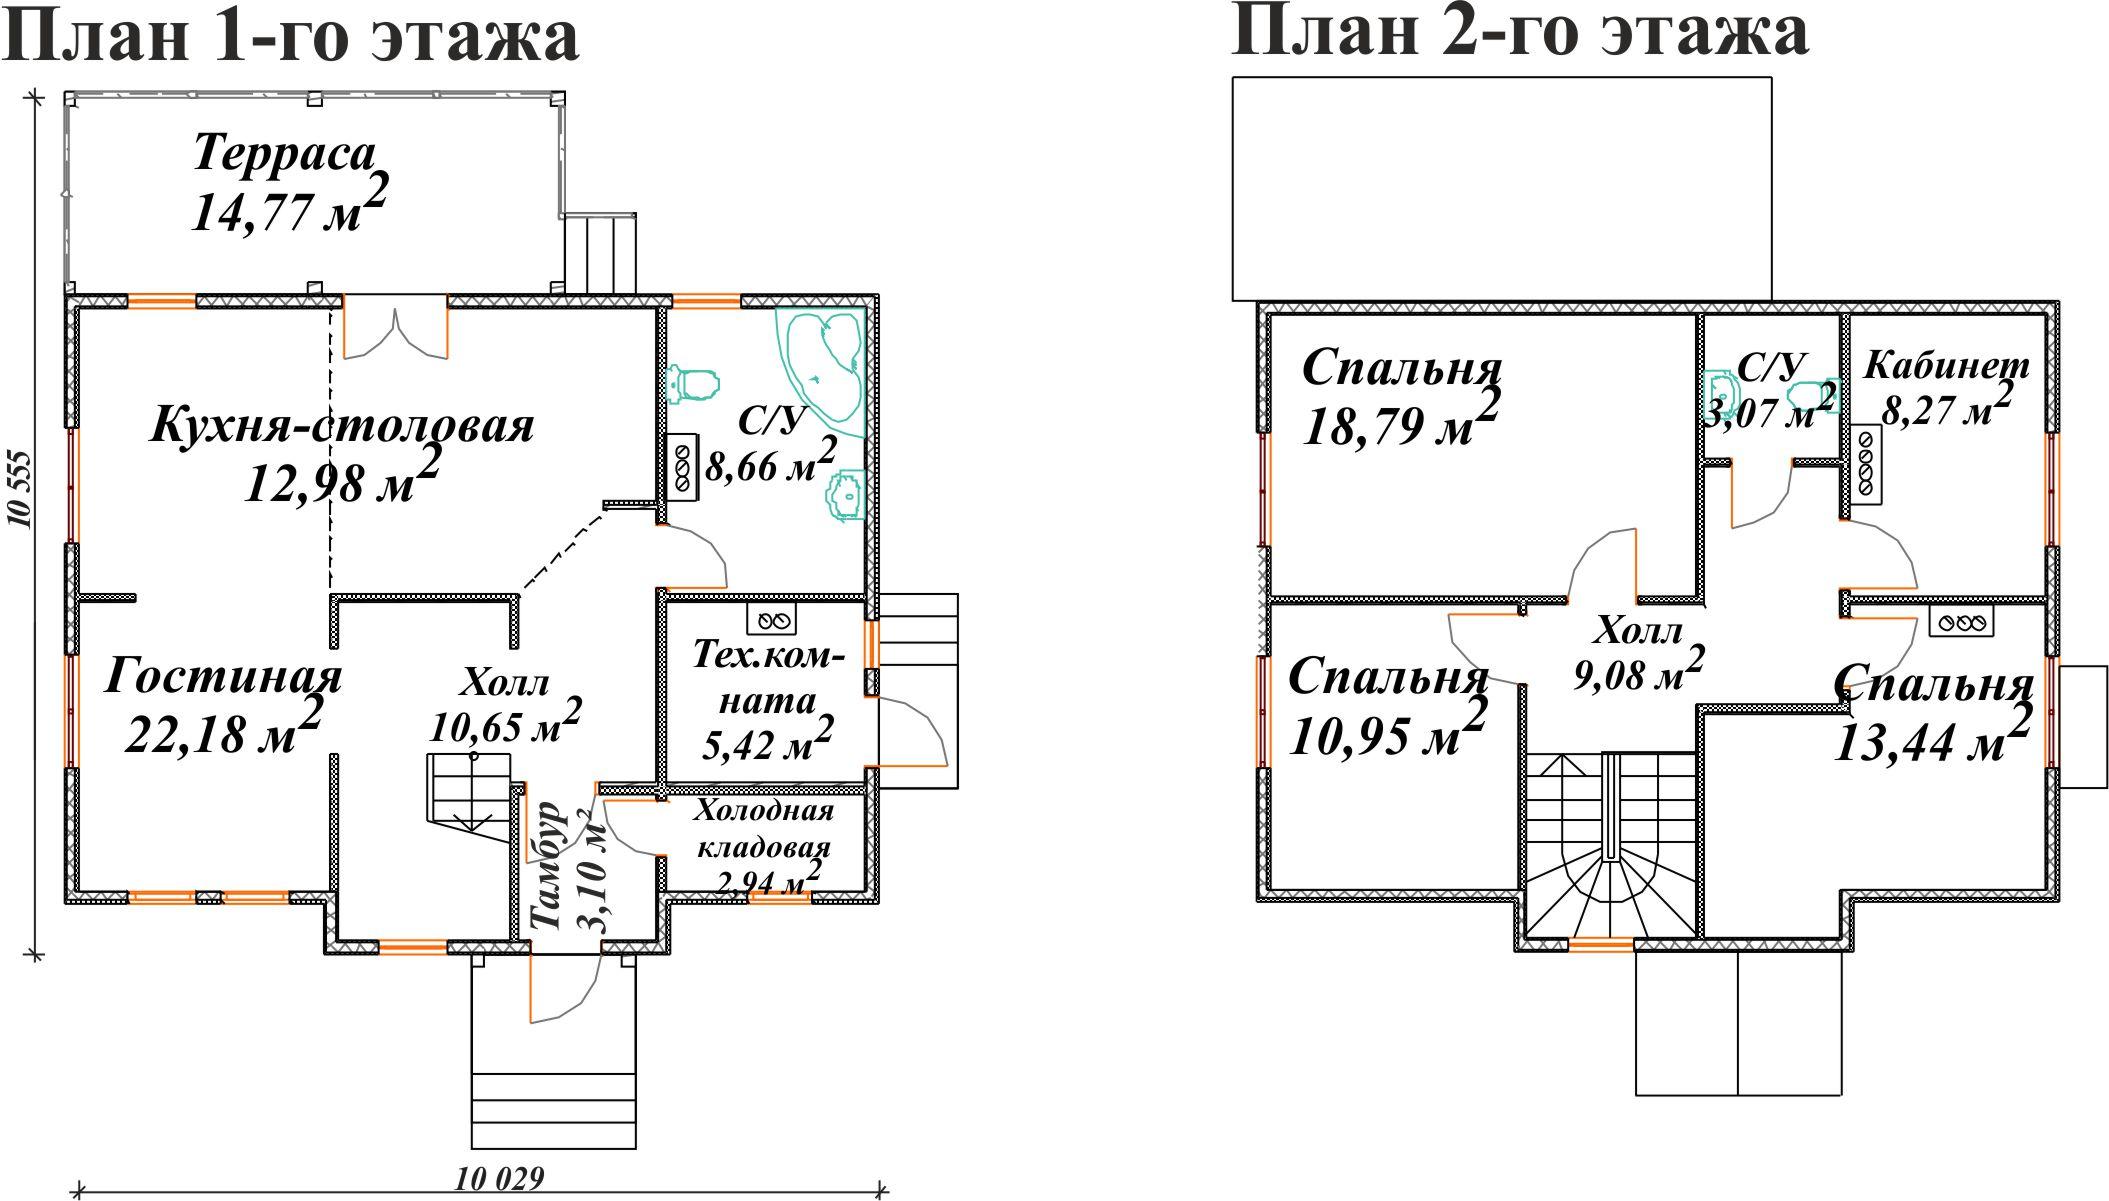 Проектирование дома своими руками: как сделать проект дома самому 59